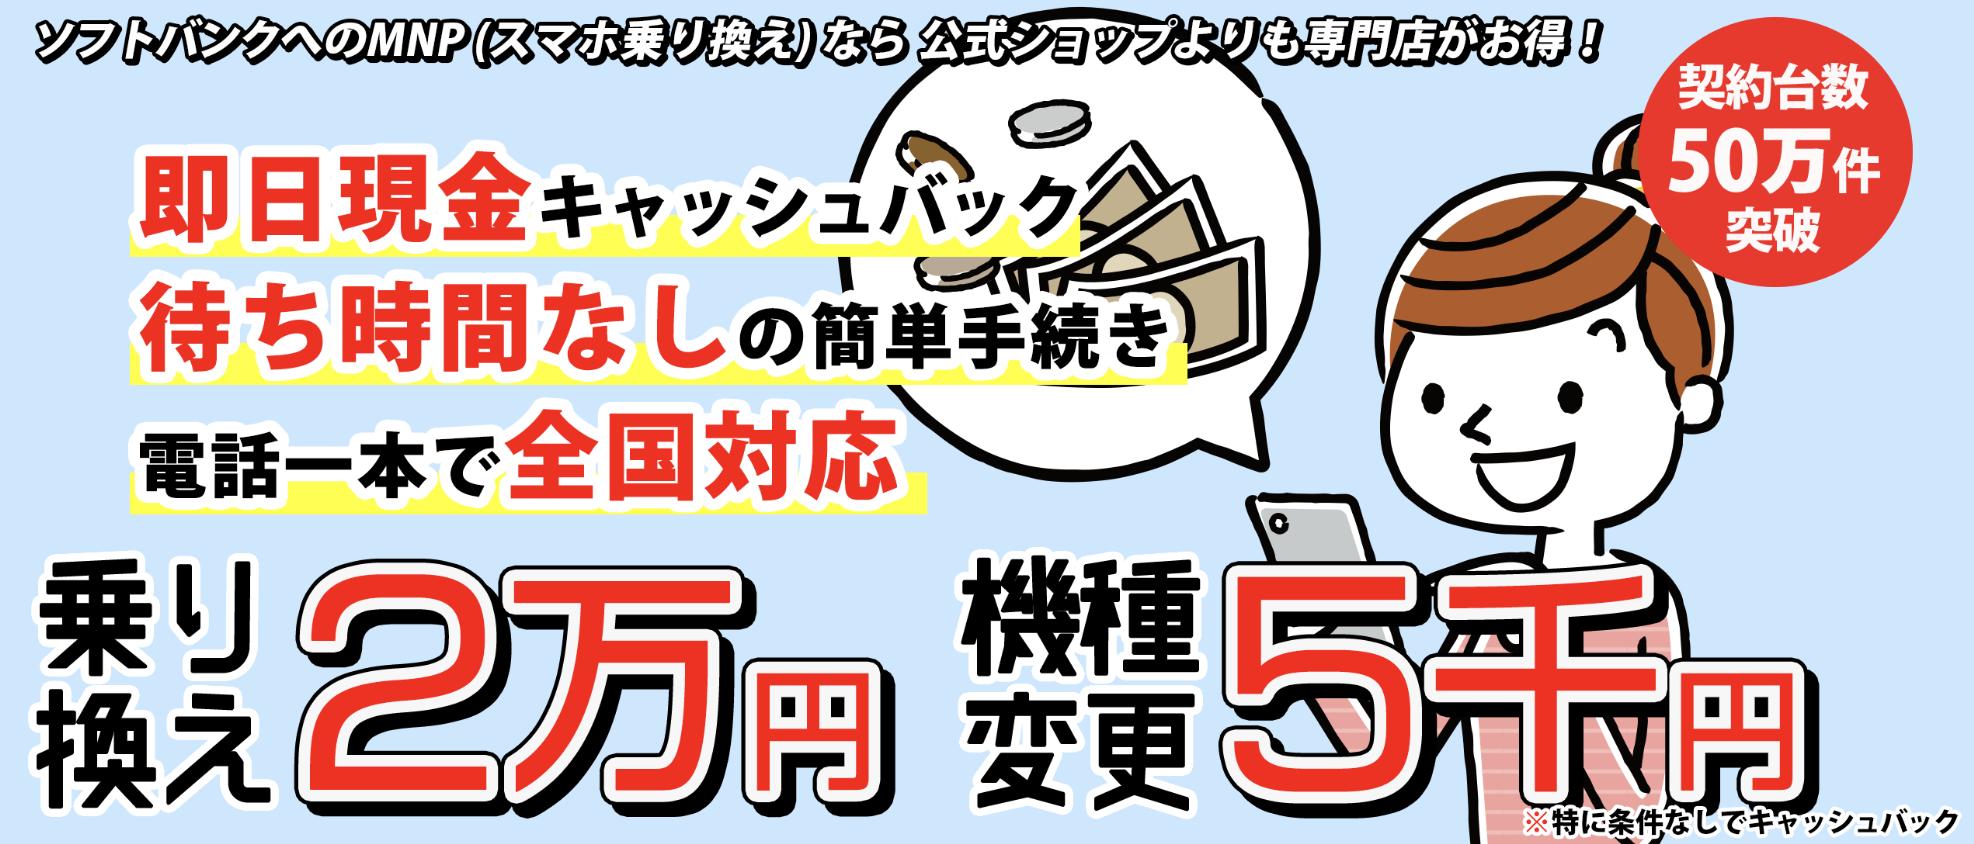 ソフトバンク乗り換えキャッシュバック.com